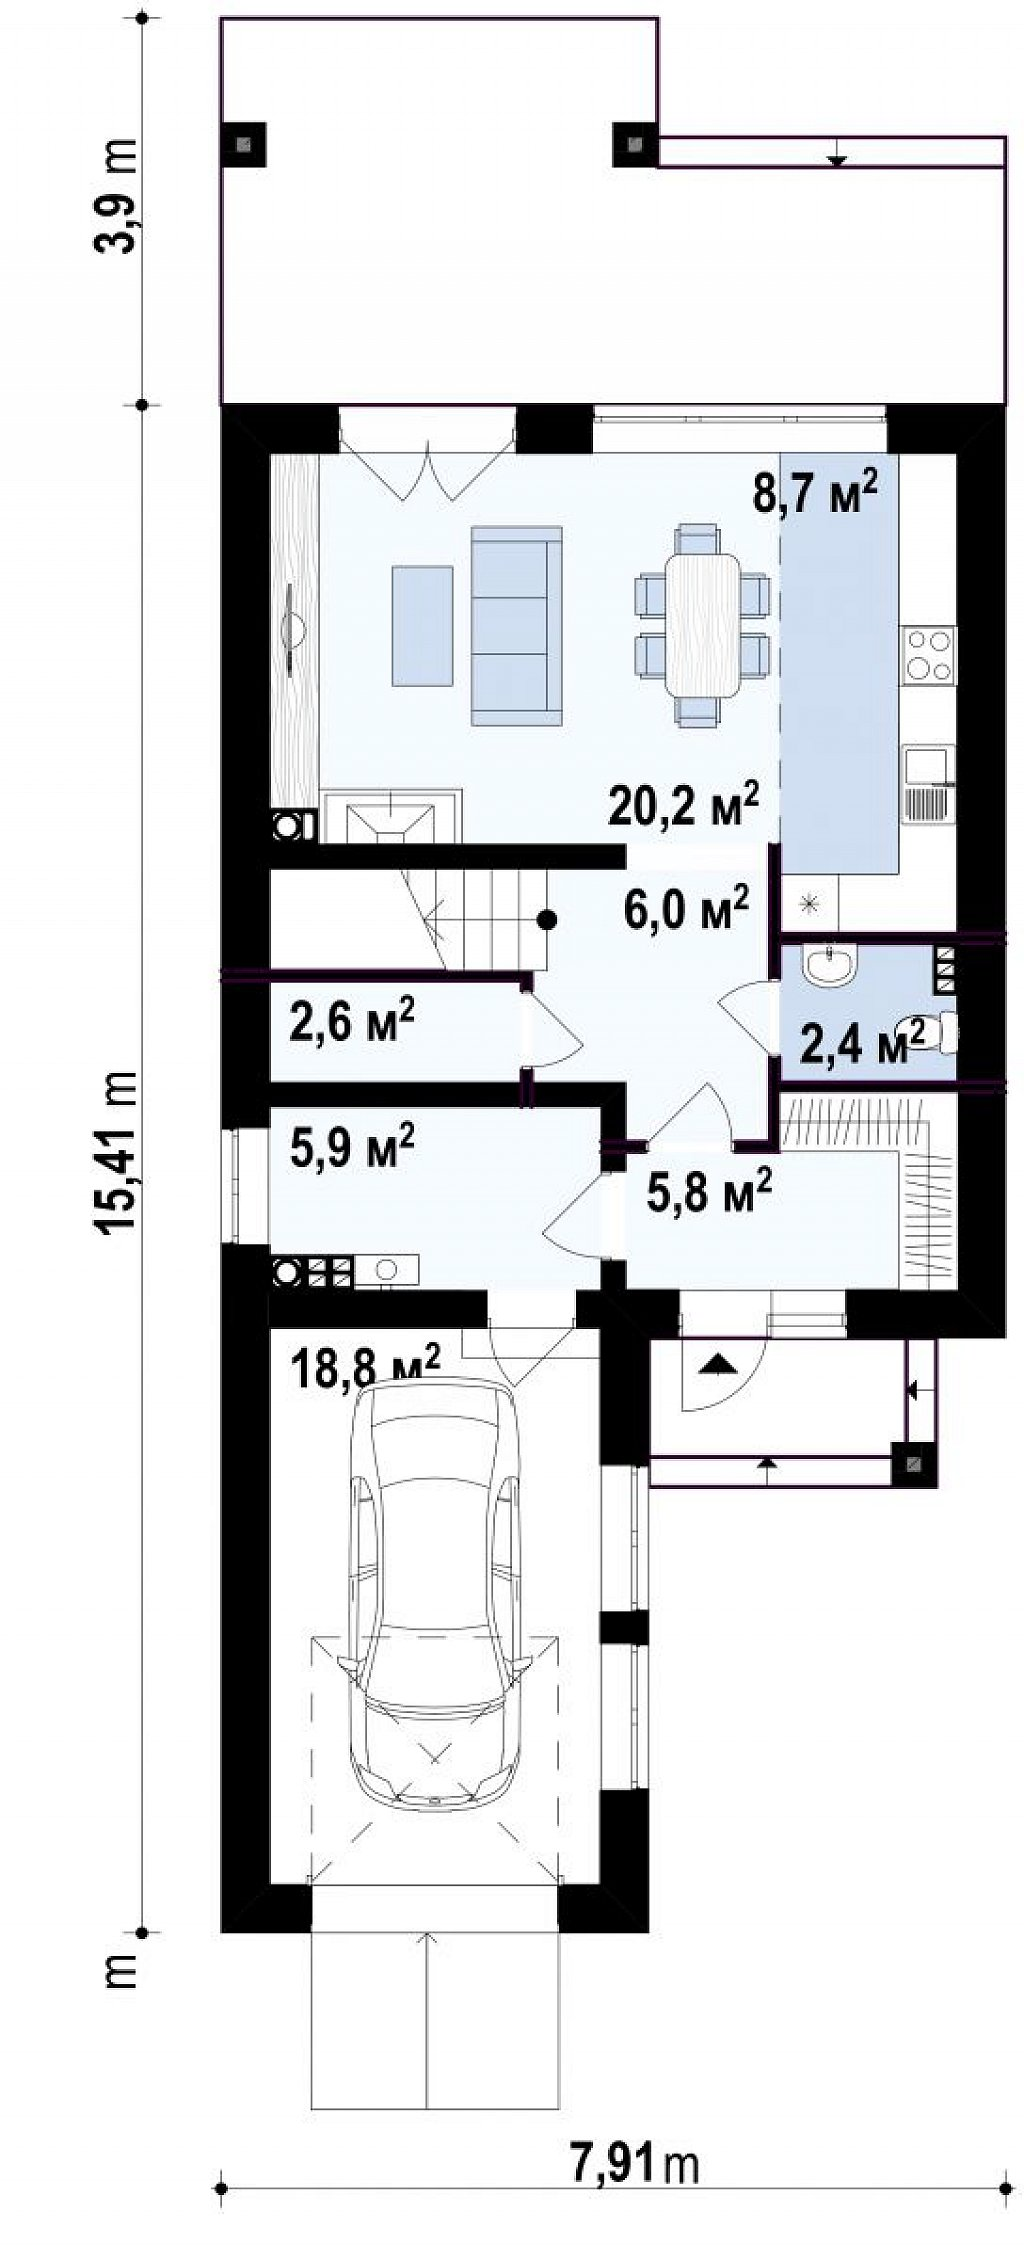 Проект компактного современного дома с двухуровневой планировкой и гаражом на один автомобиль. план помещений 1